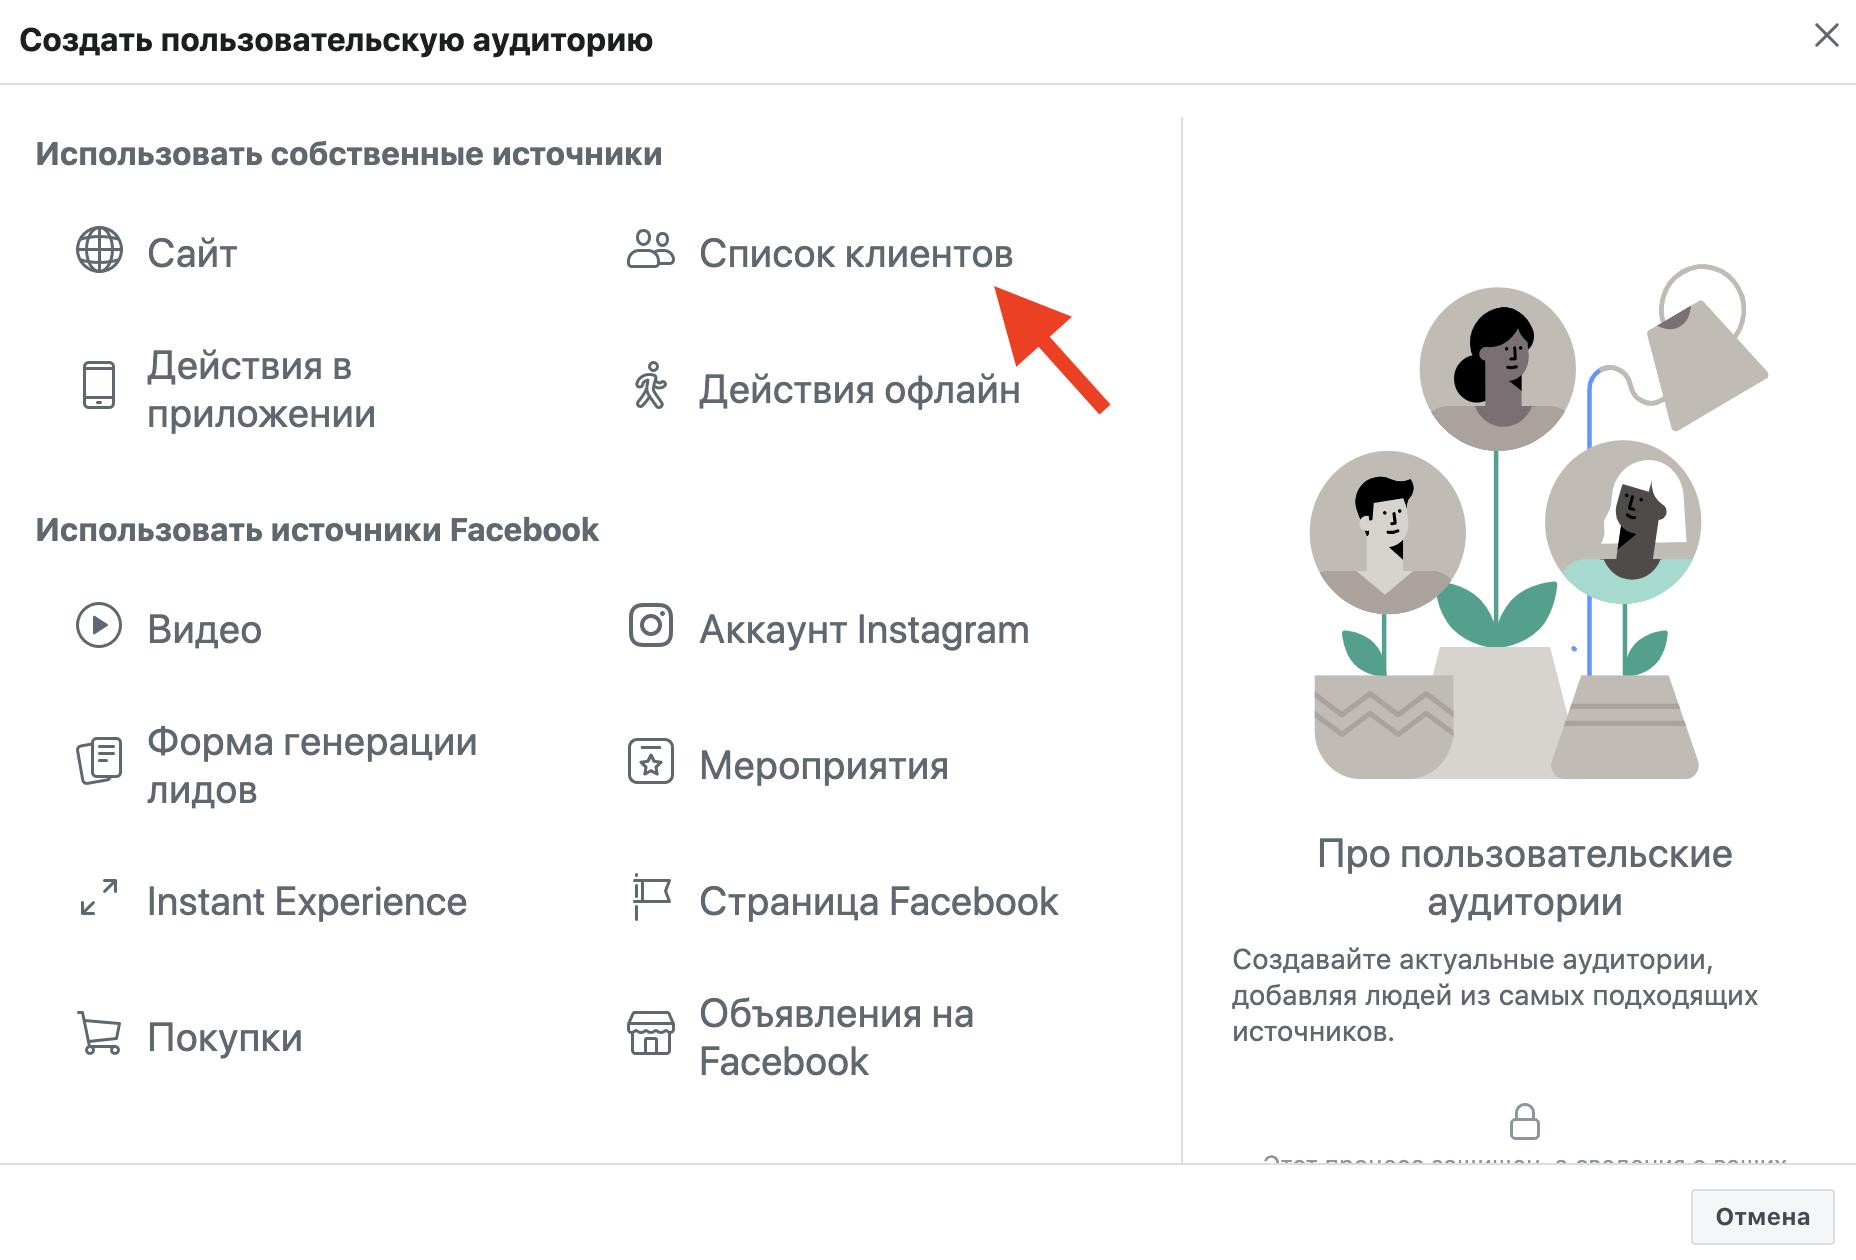 Индивидуальные аудитории Facebook